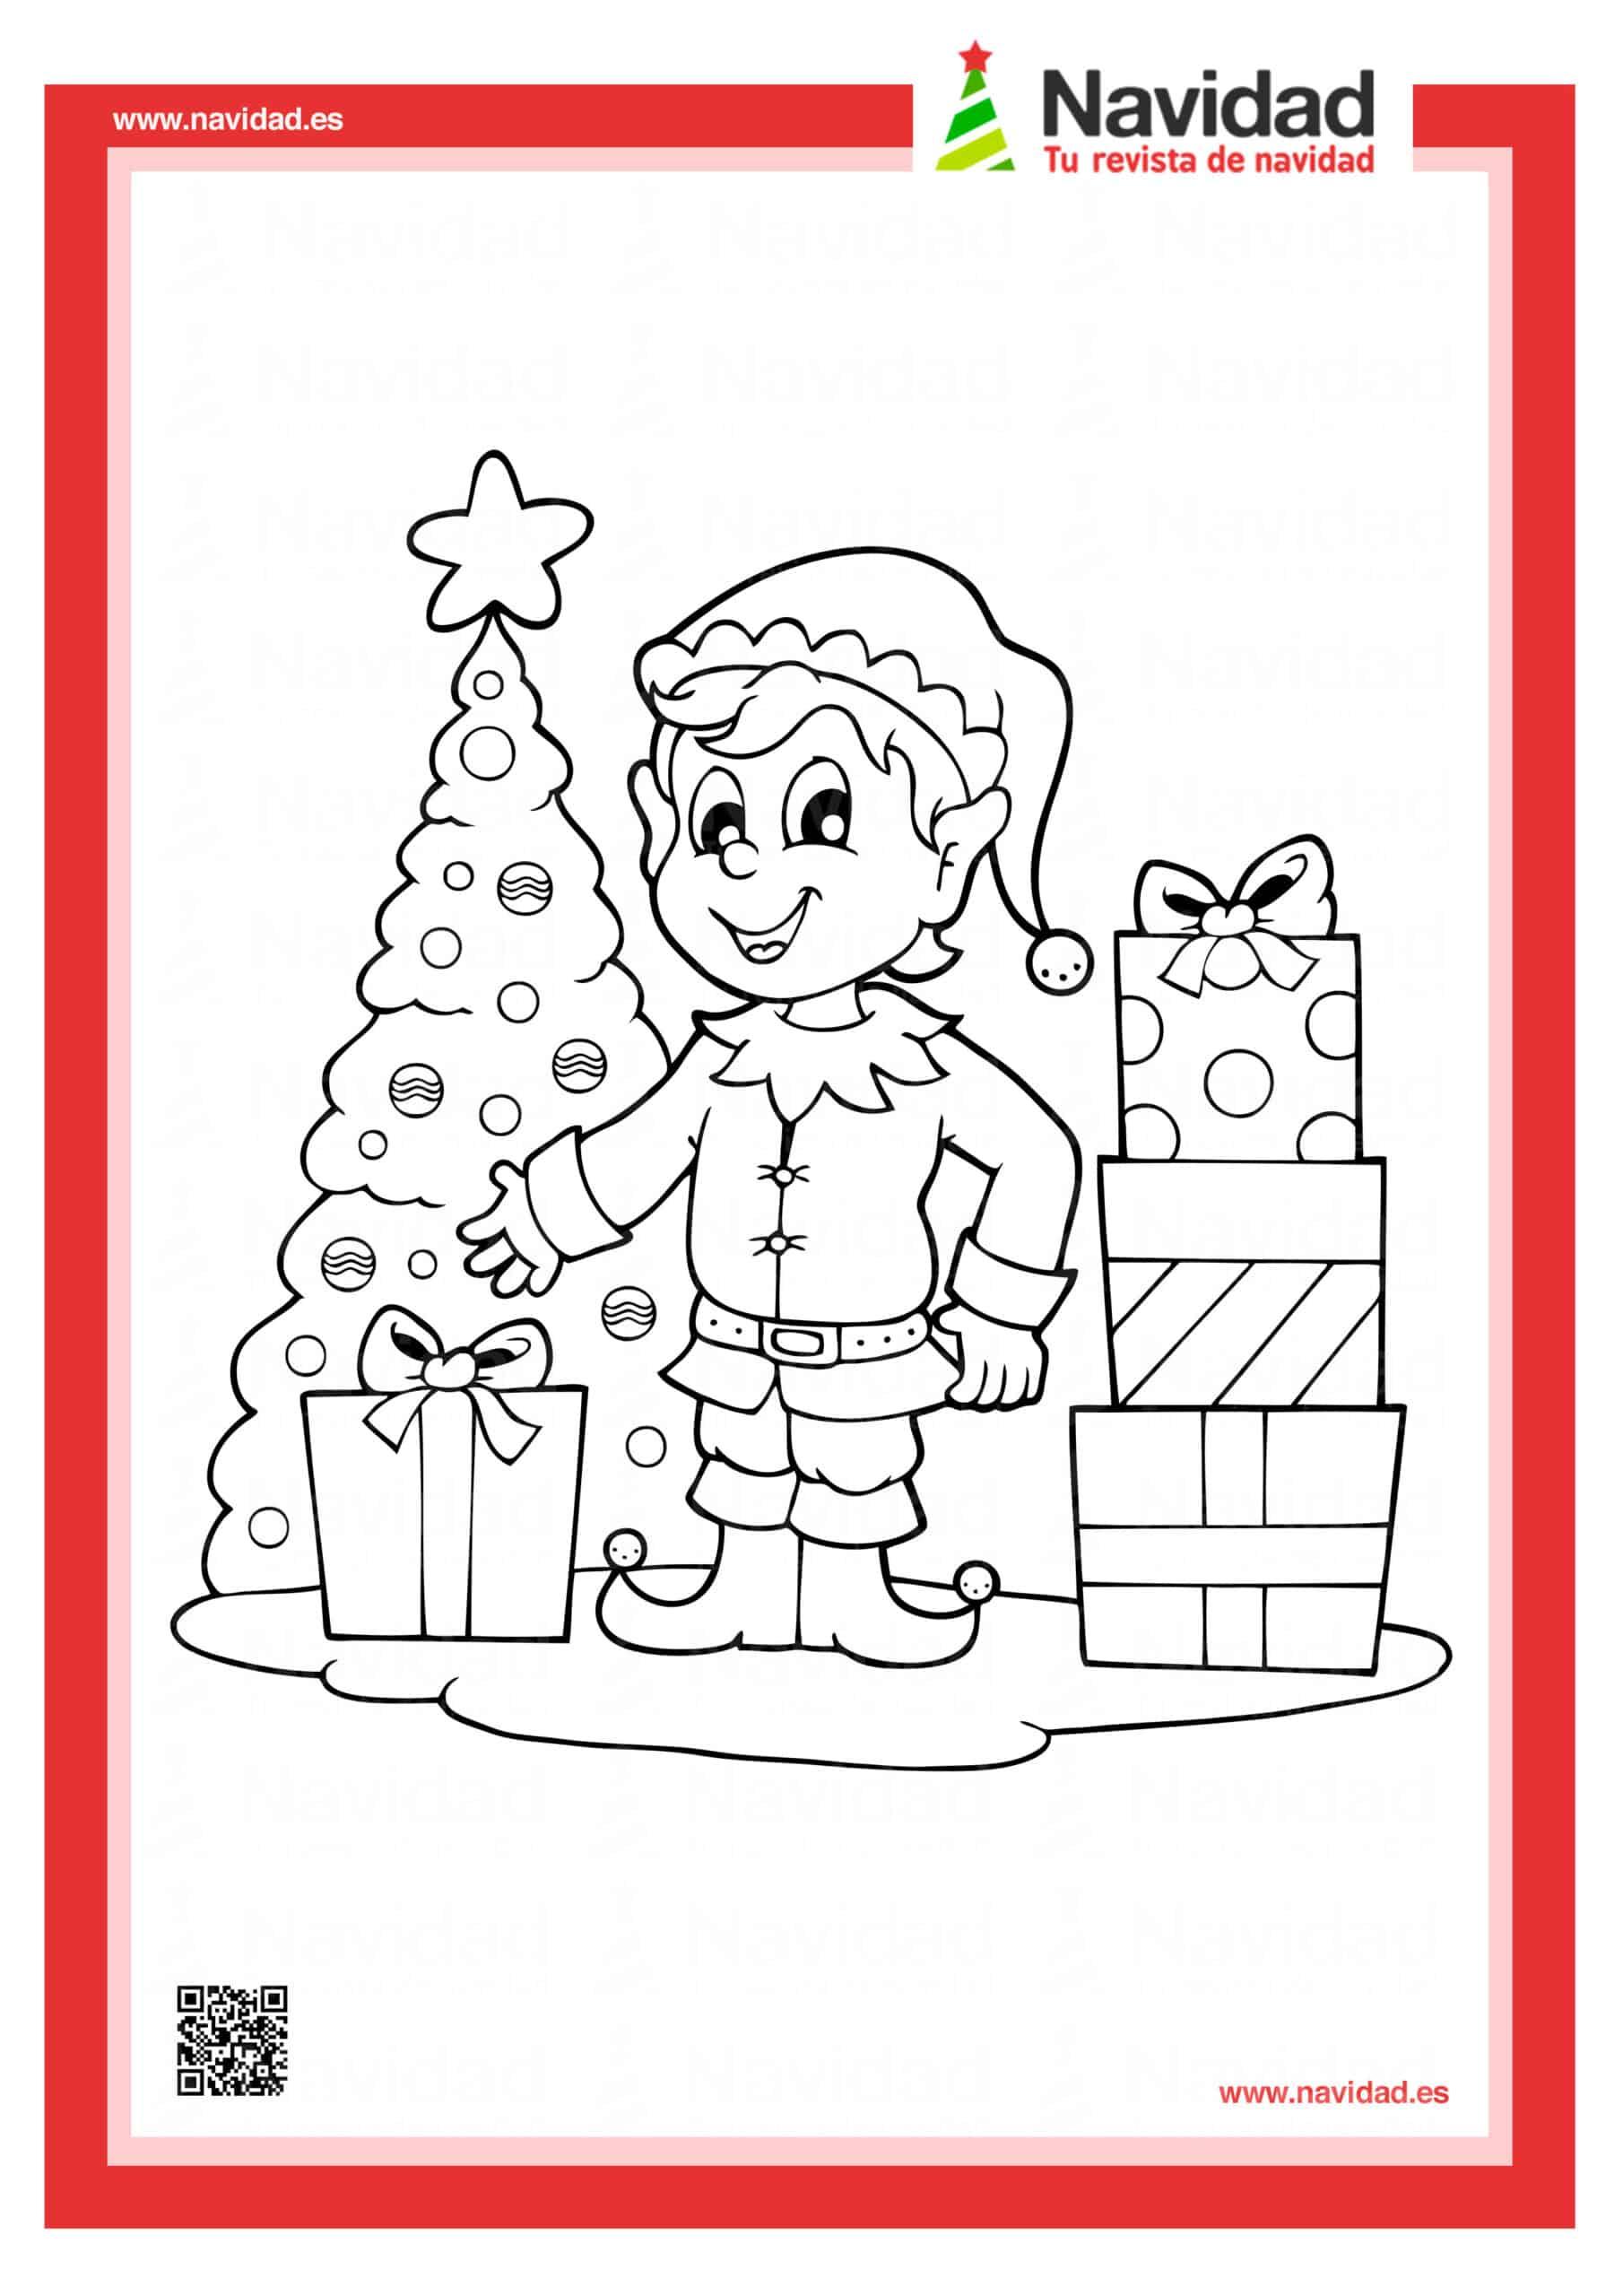 Dibujos navideños para colorear con los hijos esta Navidad 12